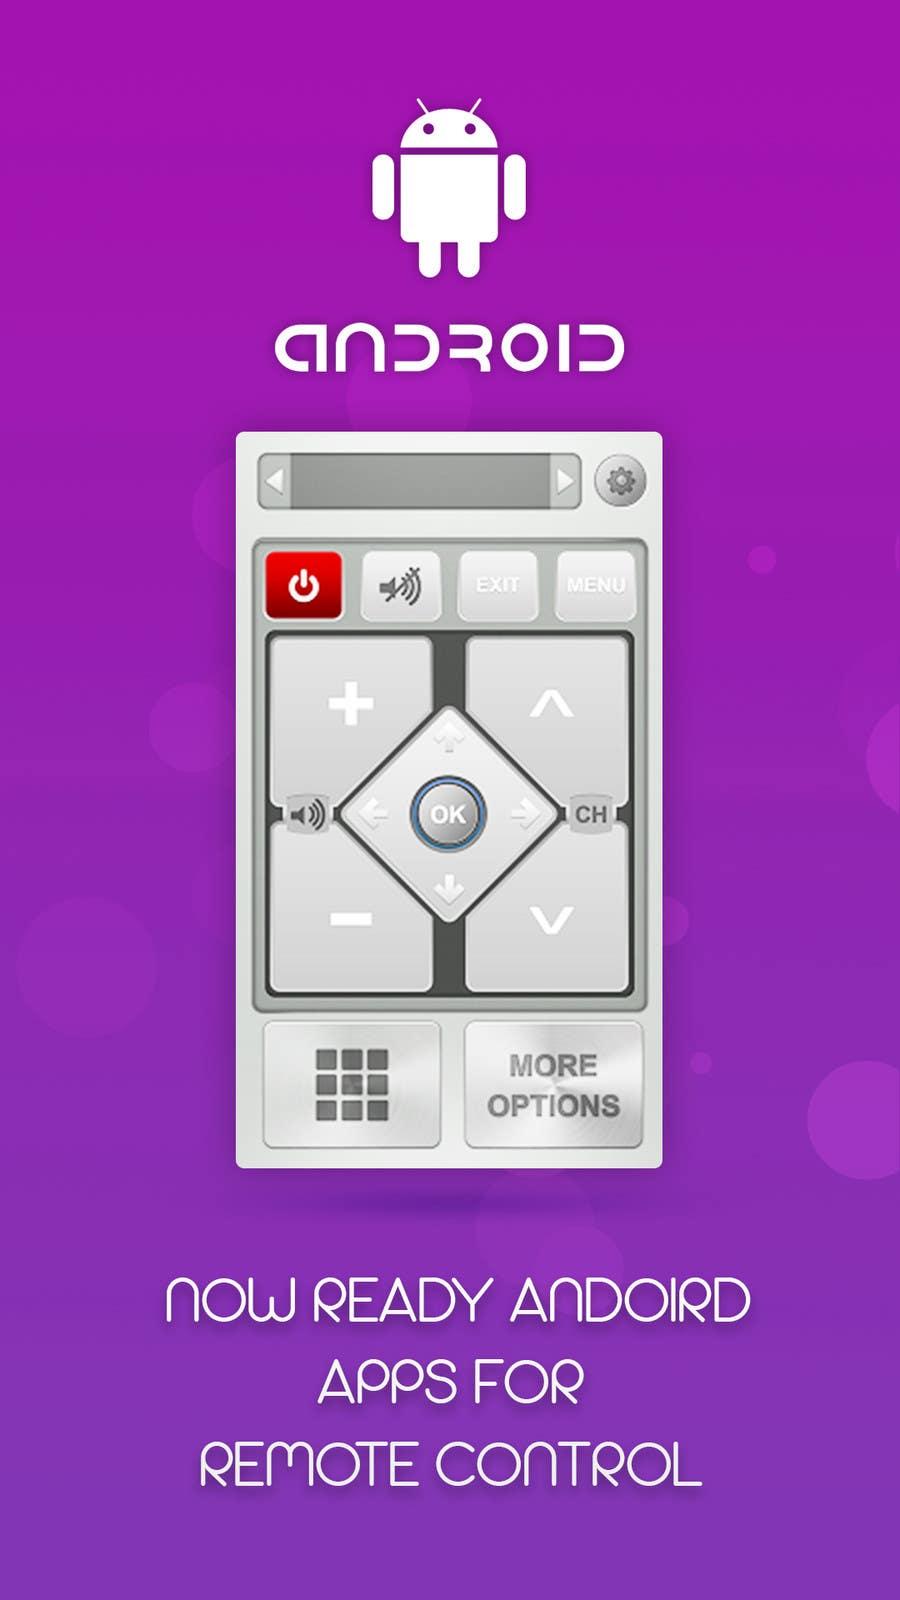 Bài tham dự cuộc thi #                                        40                                      cho                                         Splash Screen Design